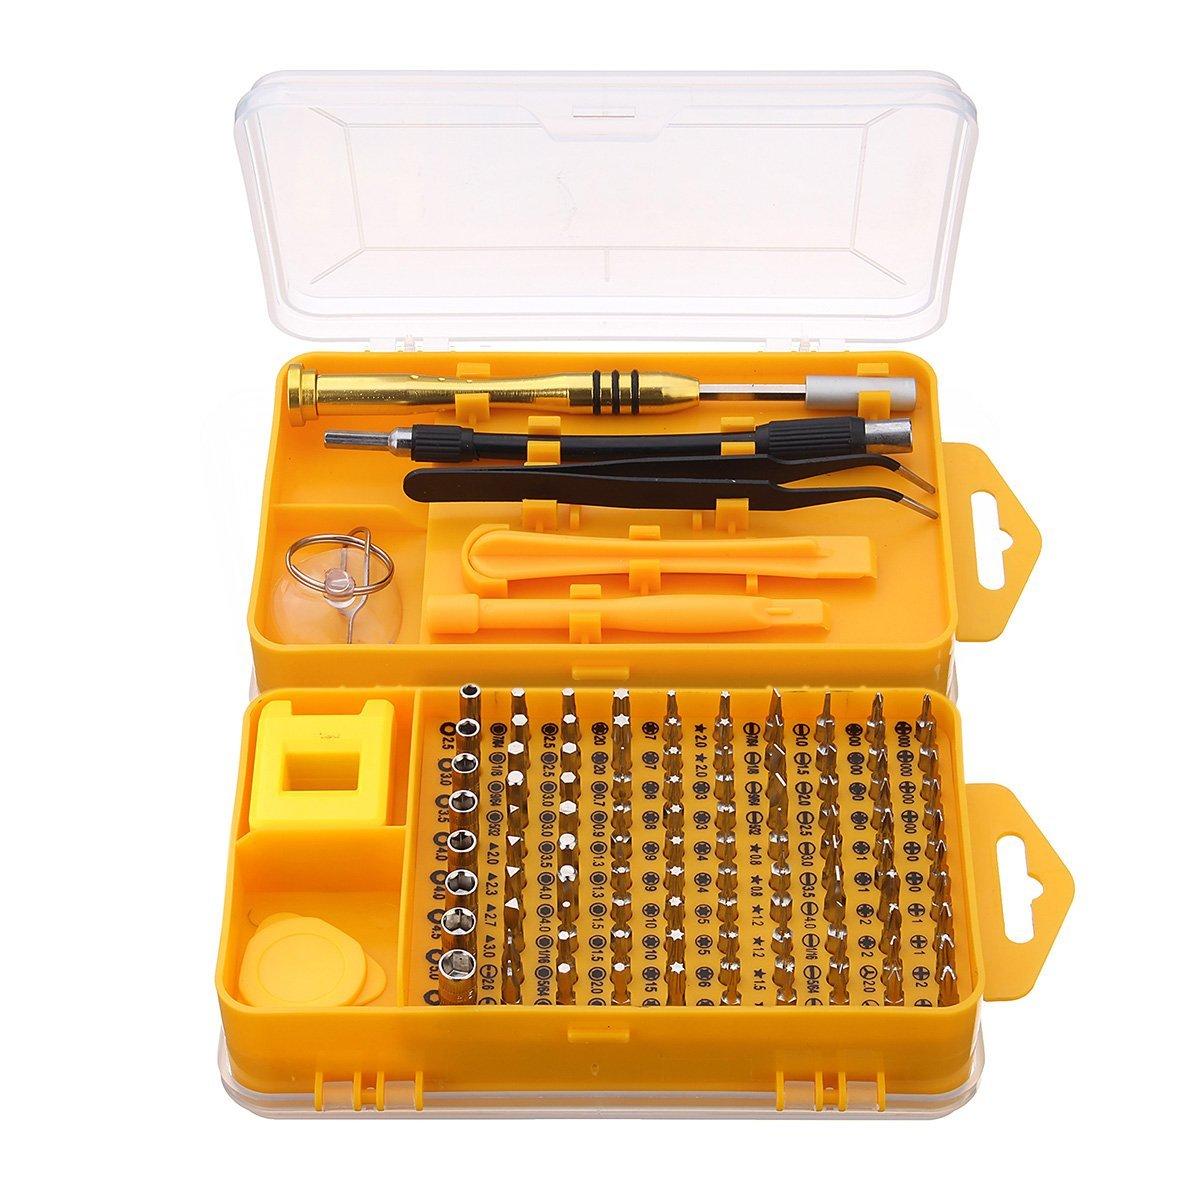 108 в 1 Отвёртки Наборы для ухода за кожей многофункциональный ремонт компьютеров Инструменты <font><b>Essential</b></font> Инструменты цифровой мобильный телефон р&#8230;